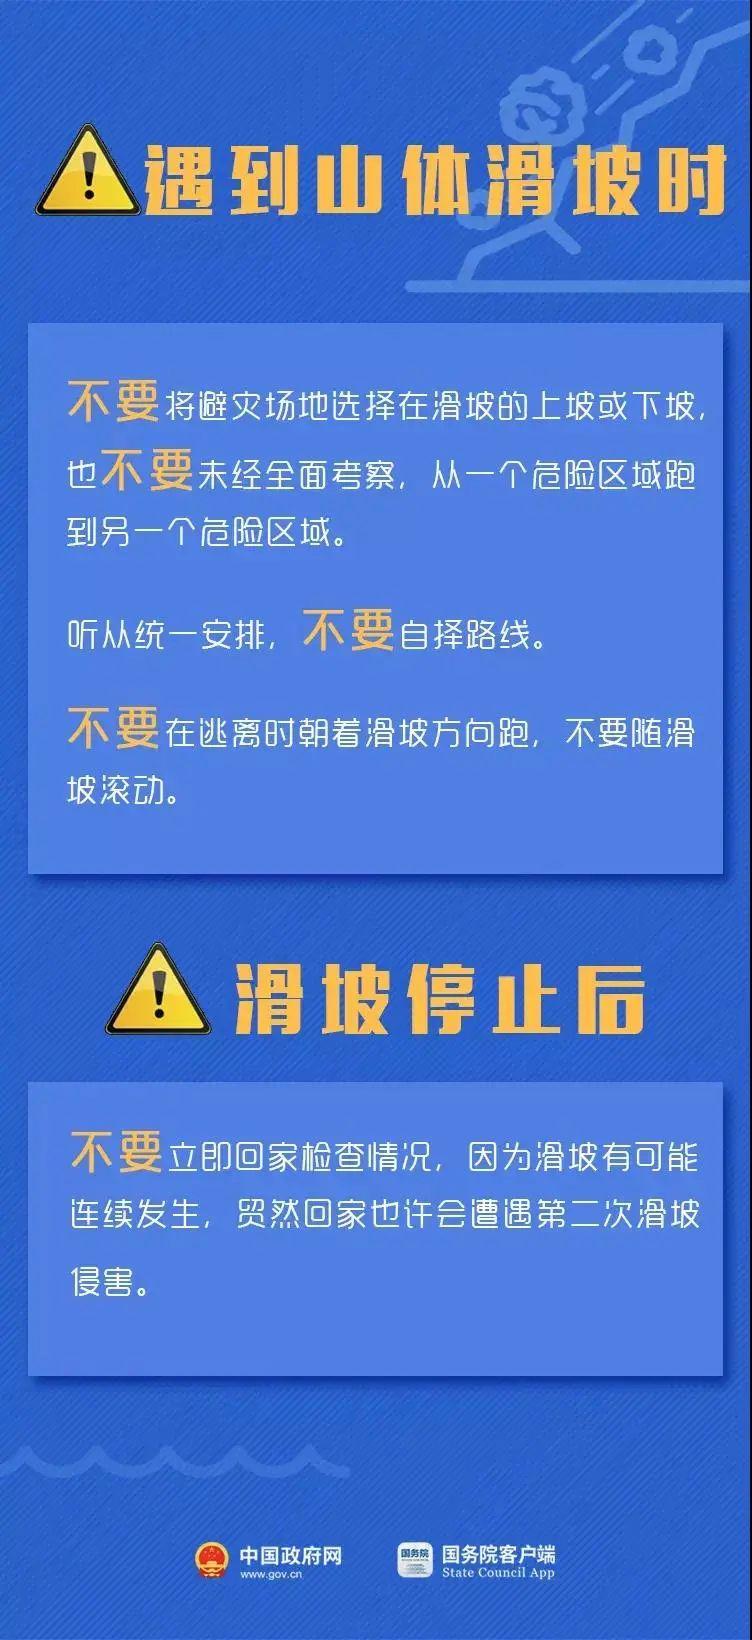 台风黄色预警持续生效中,深圳全市托儿所、幼儿园和中小学停课一天